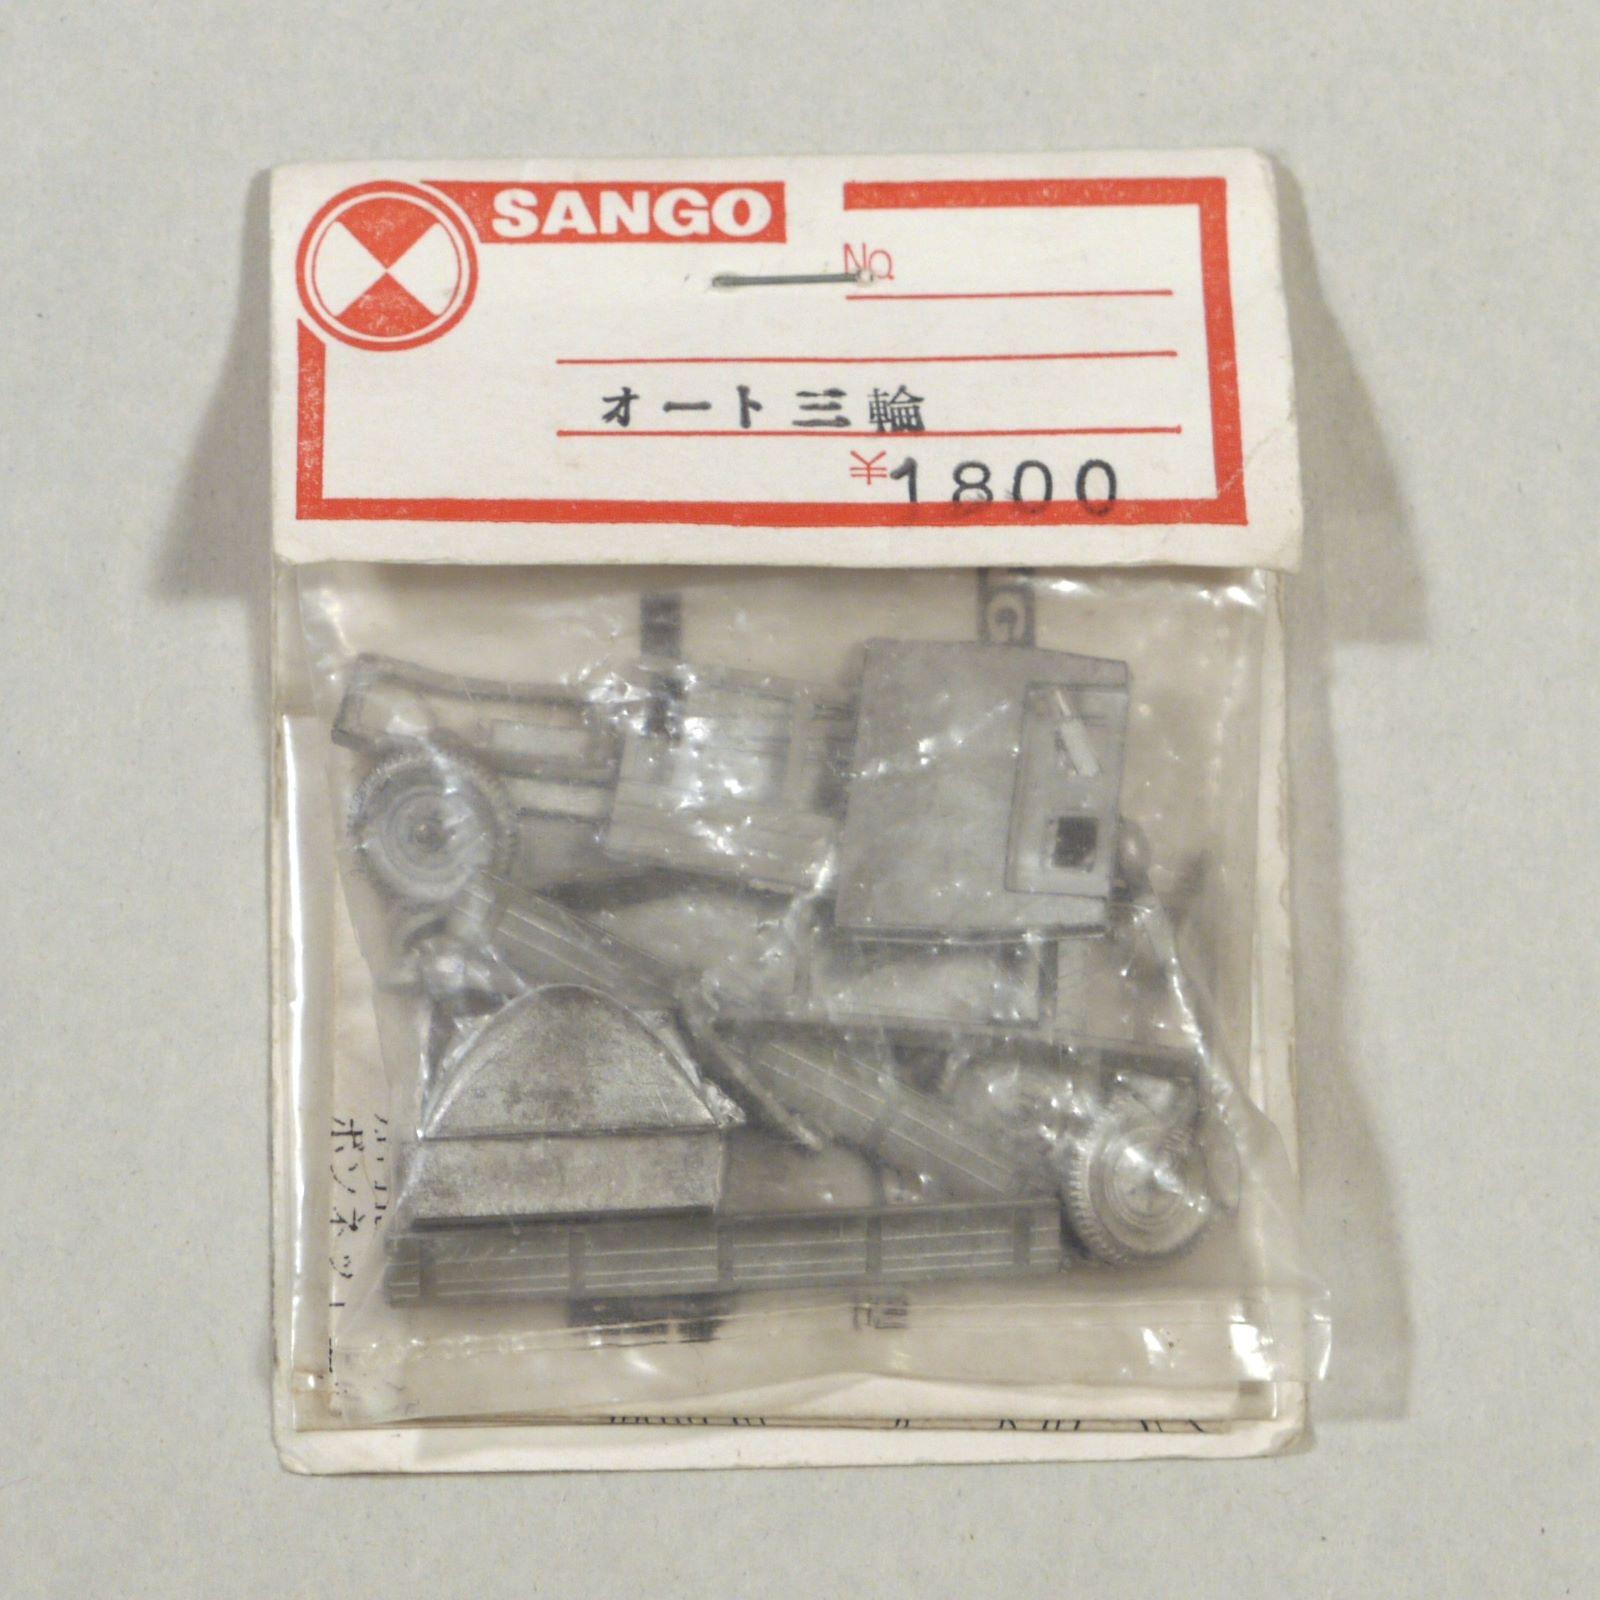 a16_trim_re_P1090602_daihatsu-pkg.jpg